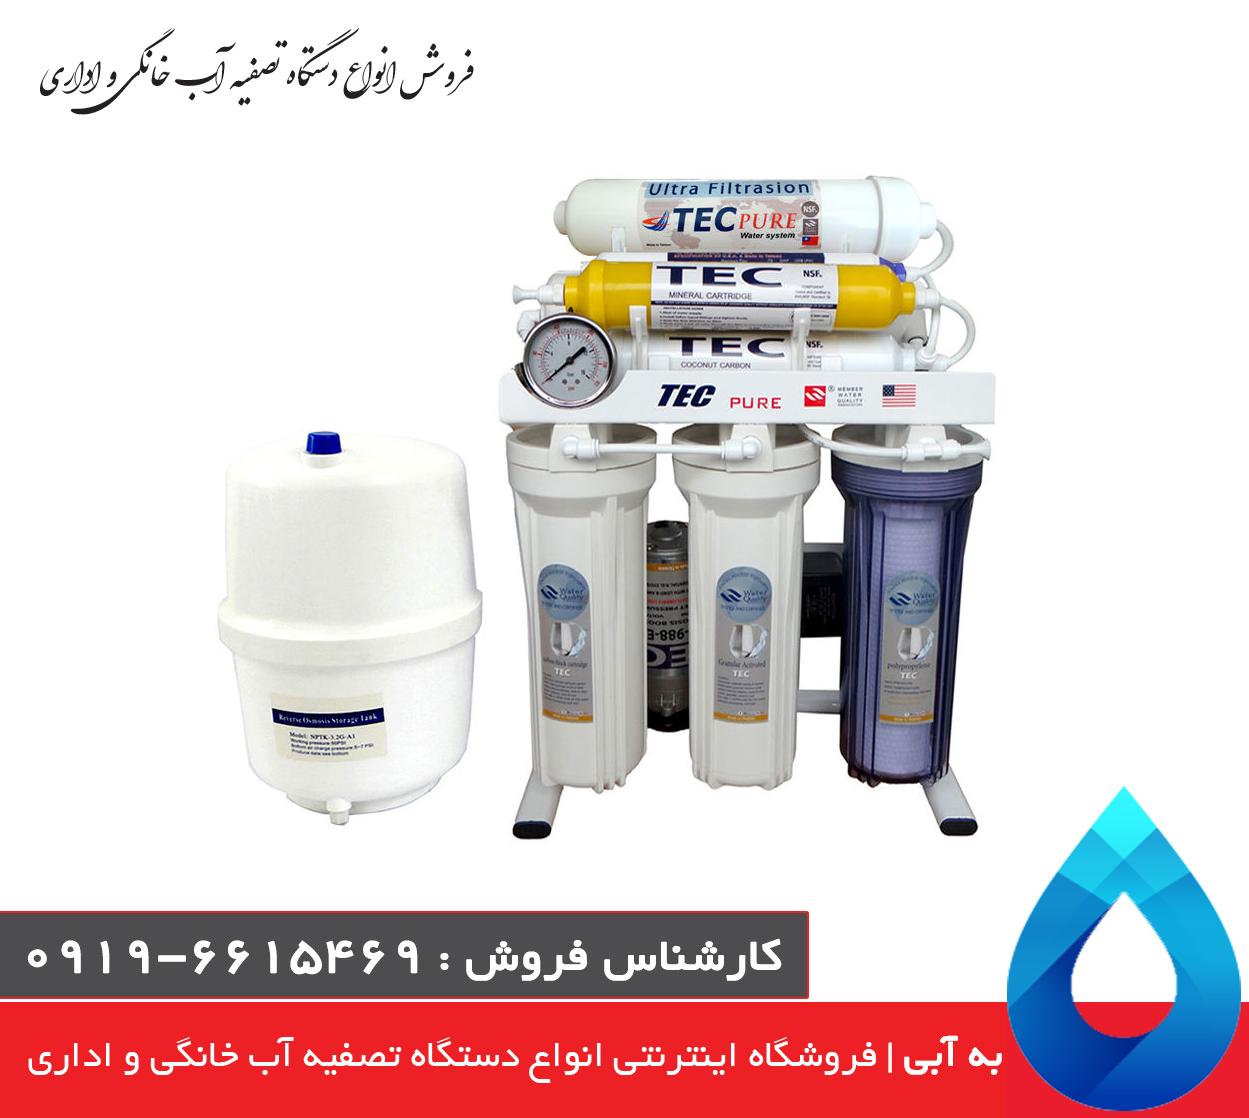 دستگاه تصفیه آب خانگی تک -tec